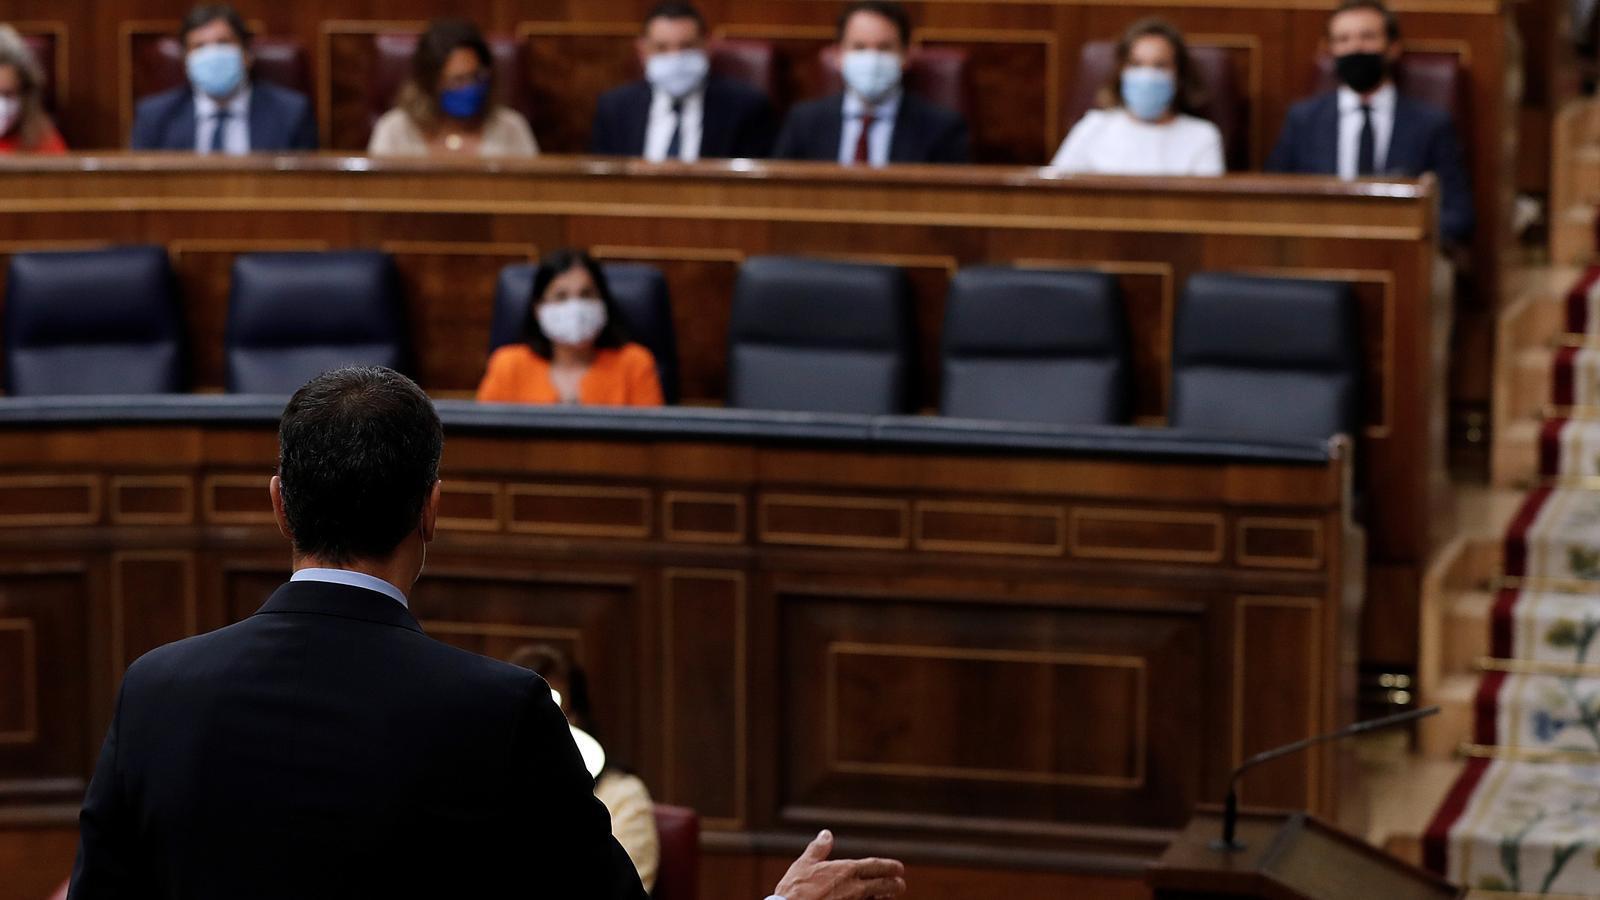 El president espanyol, Pedro Sánchez, davant de la bancada popular durant la sessió de control al Congrés.